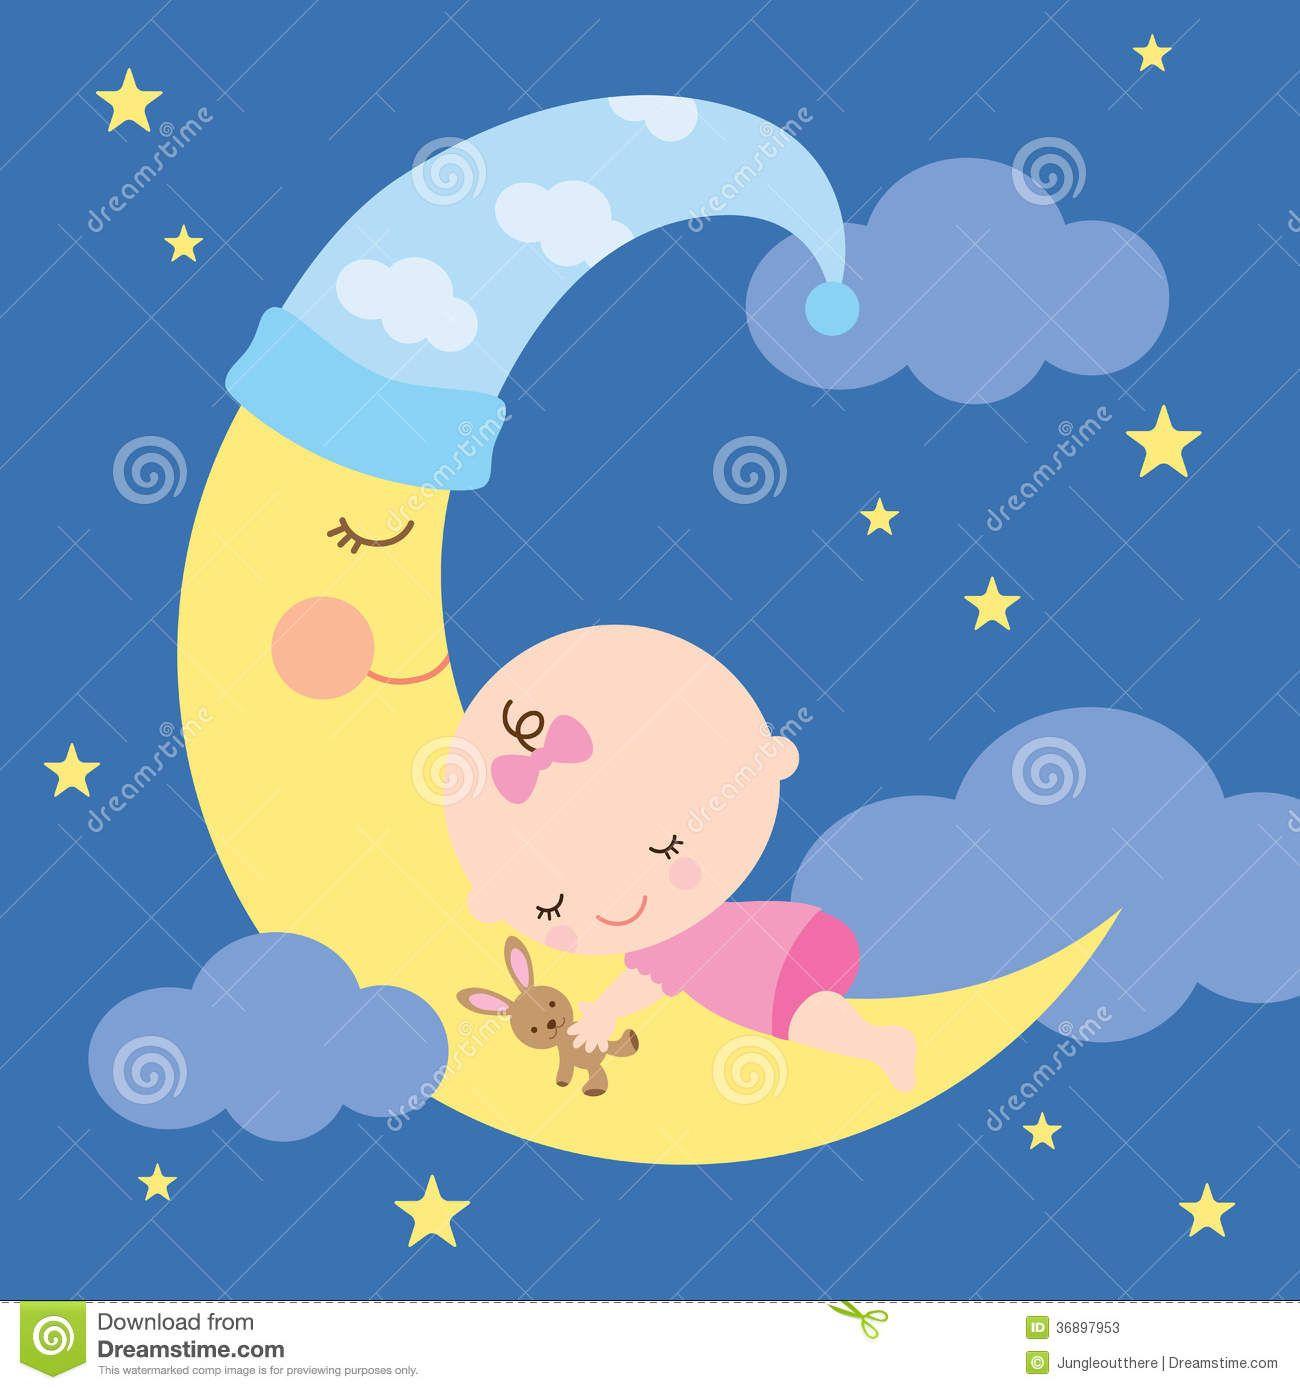 baby sleeping on moon clipart.